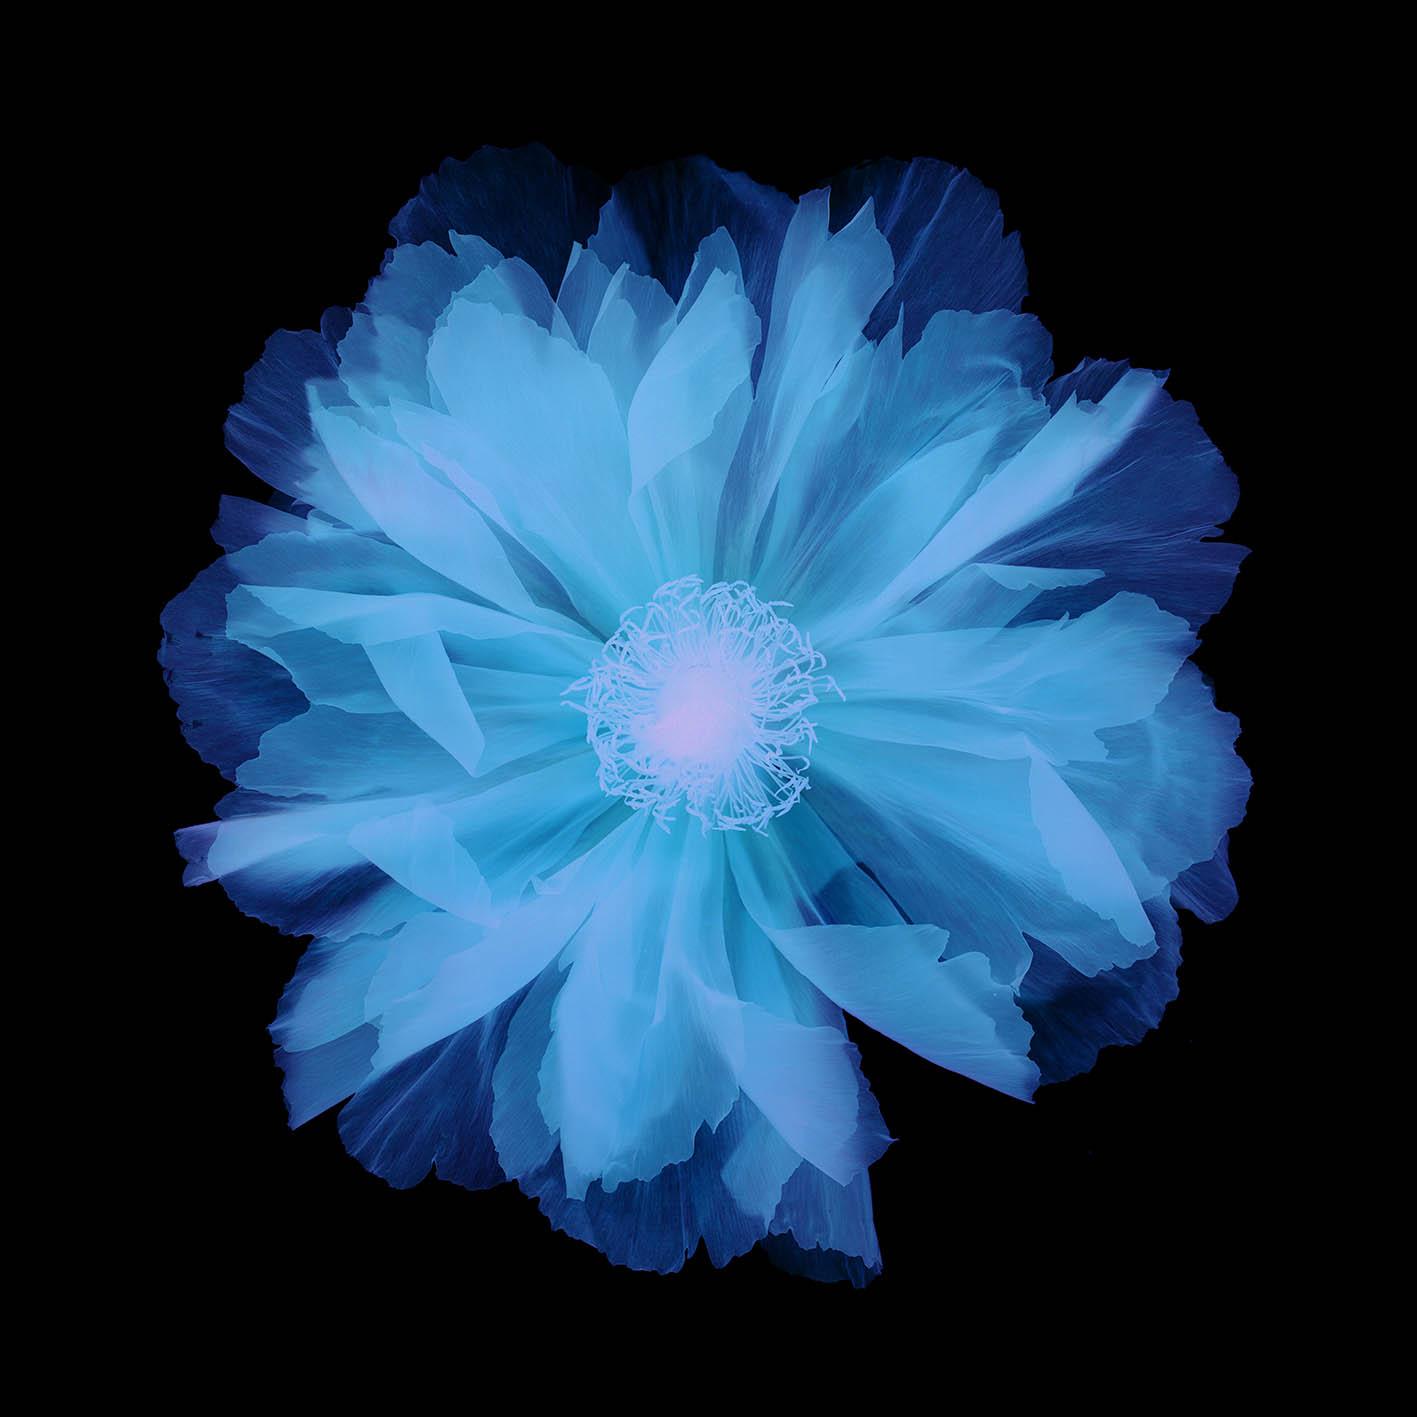 西村陽一郎|Blue Flower